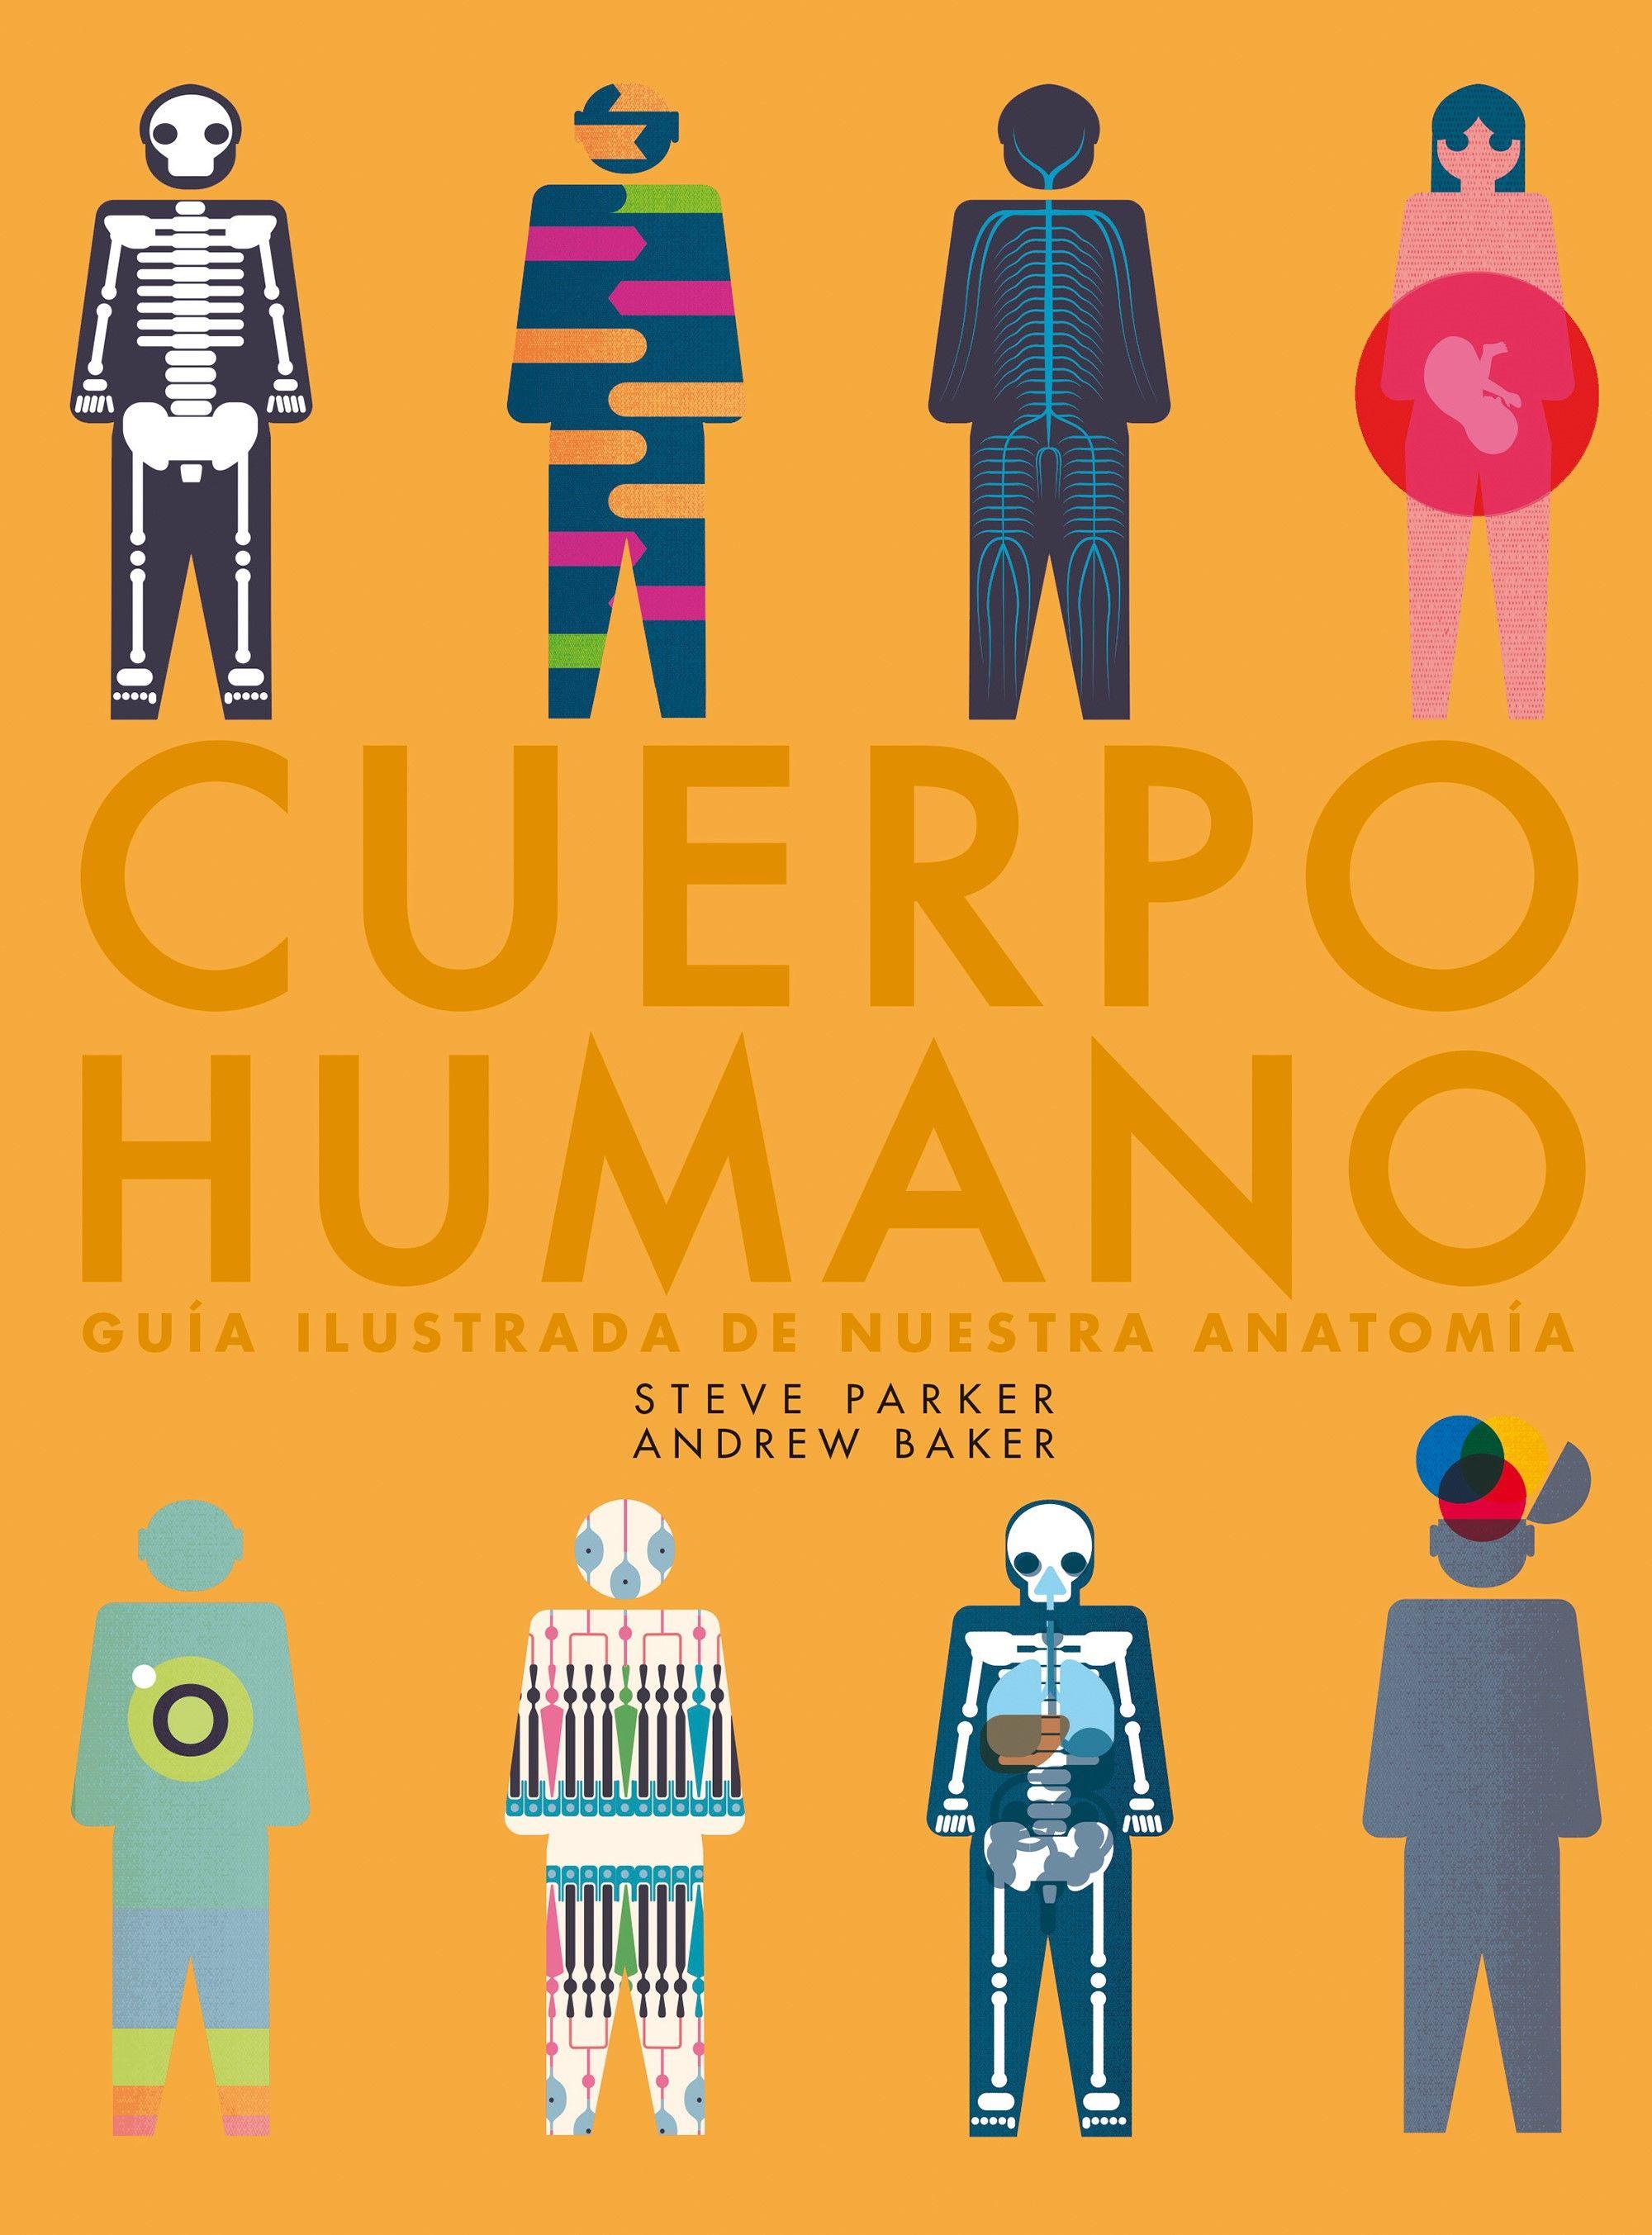 CUERPO HUMANO: GUIA ILUSTRADA DE NUESTRA ANATOMIA | STEVE PARKER ...